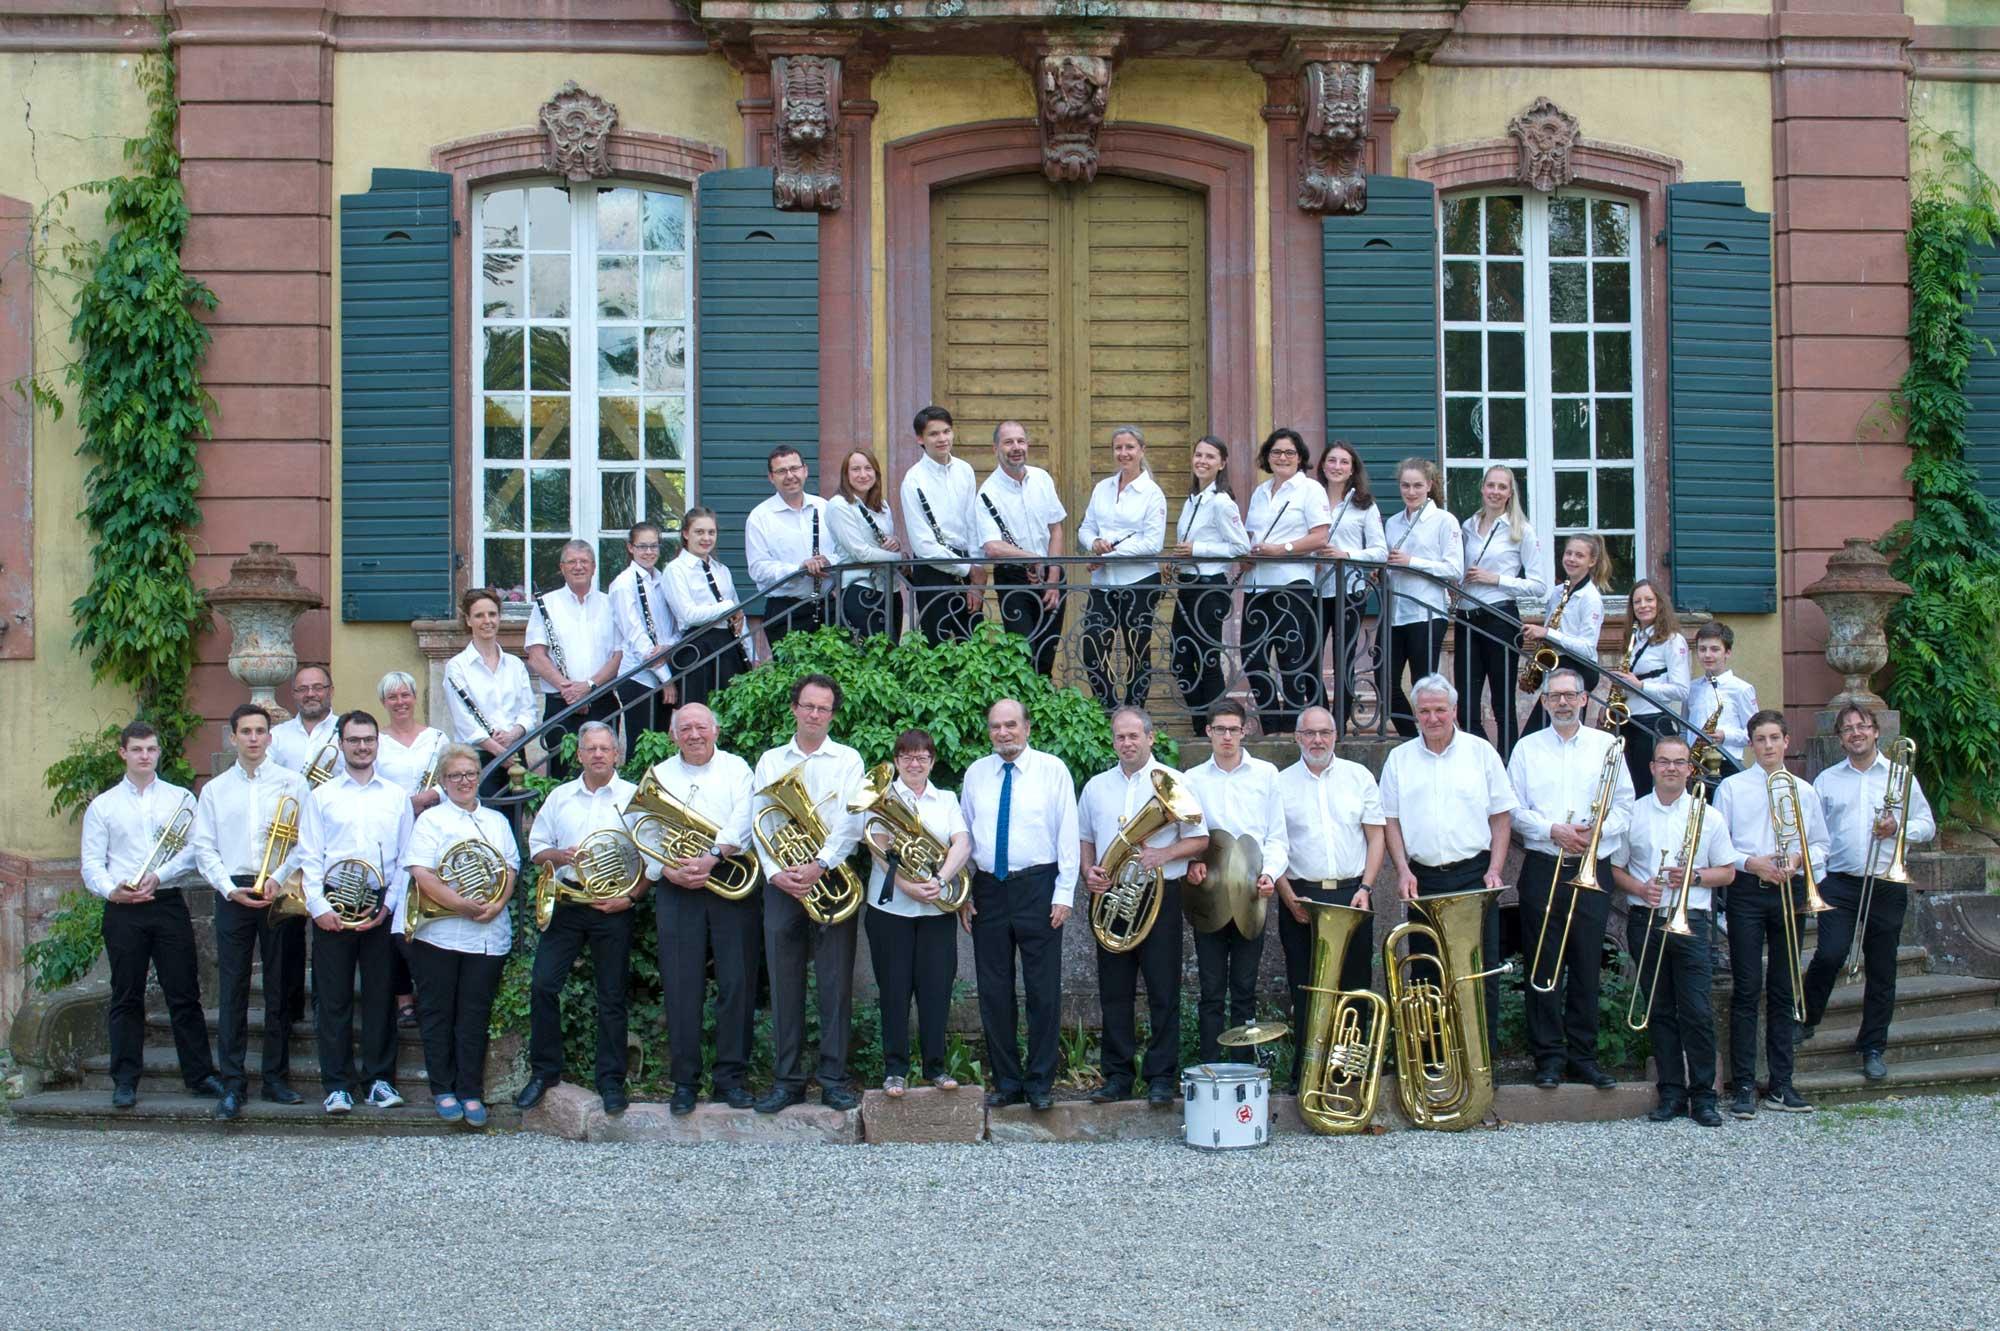 Das Hauptorchester des Musikverein Ebnet e.V. am Schloss in Ebnet im Jahre 2018